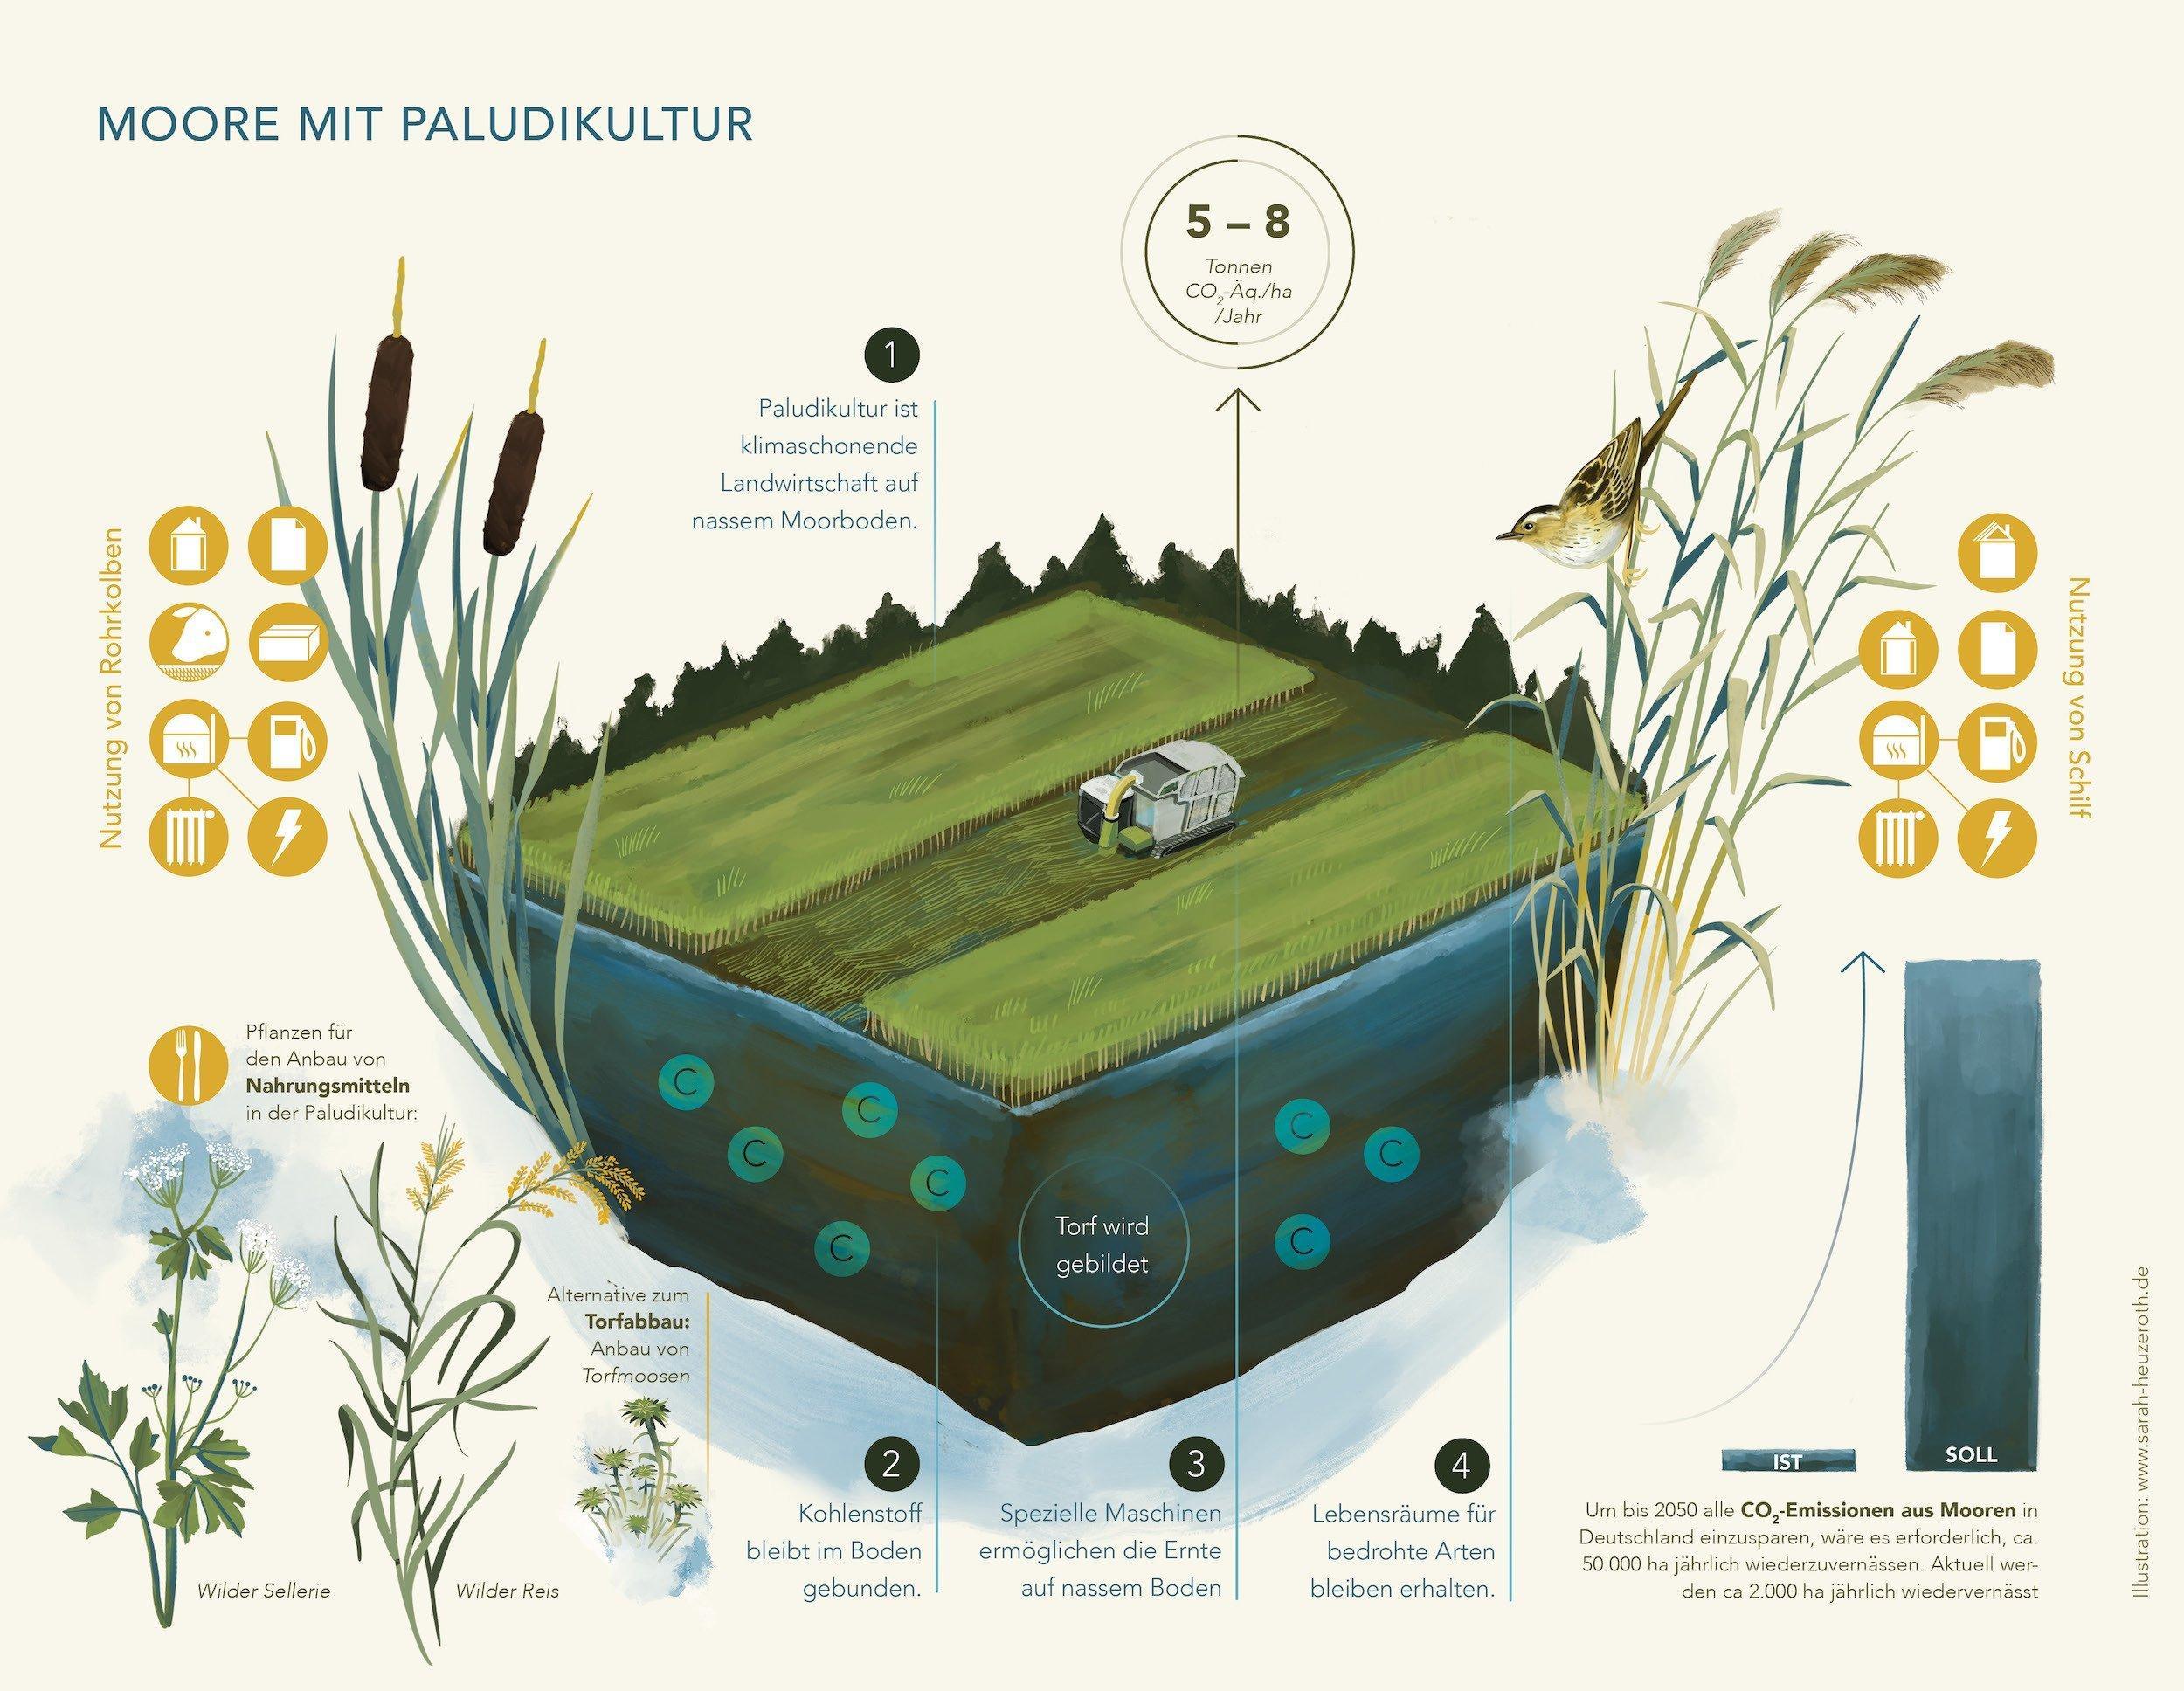 Die Grafik stellt dar, wie Moore auch in natürlichem Zustand genutzt werden können, ohne sie zu zerstören.